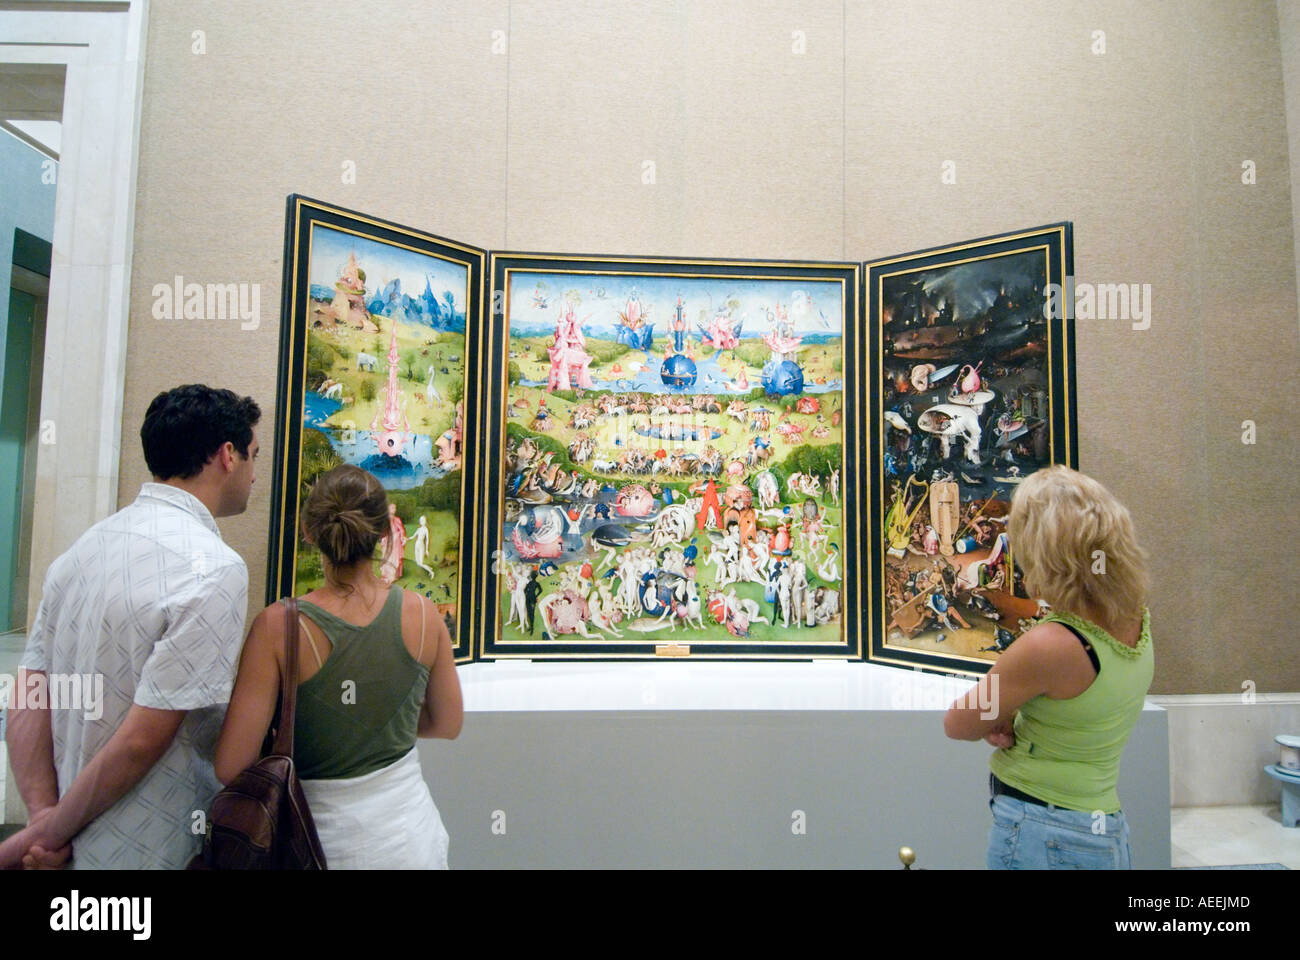 Le Jardin des délices de Jérôme Bosch dans le Museo del Prado, Madrid Espagne Photo Stock